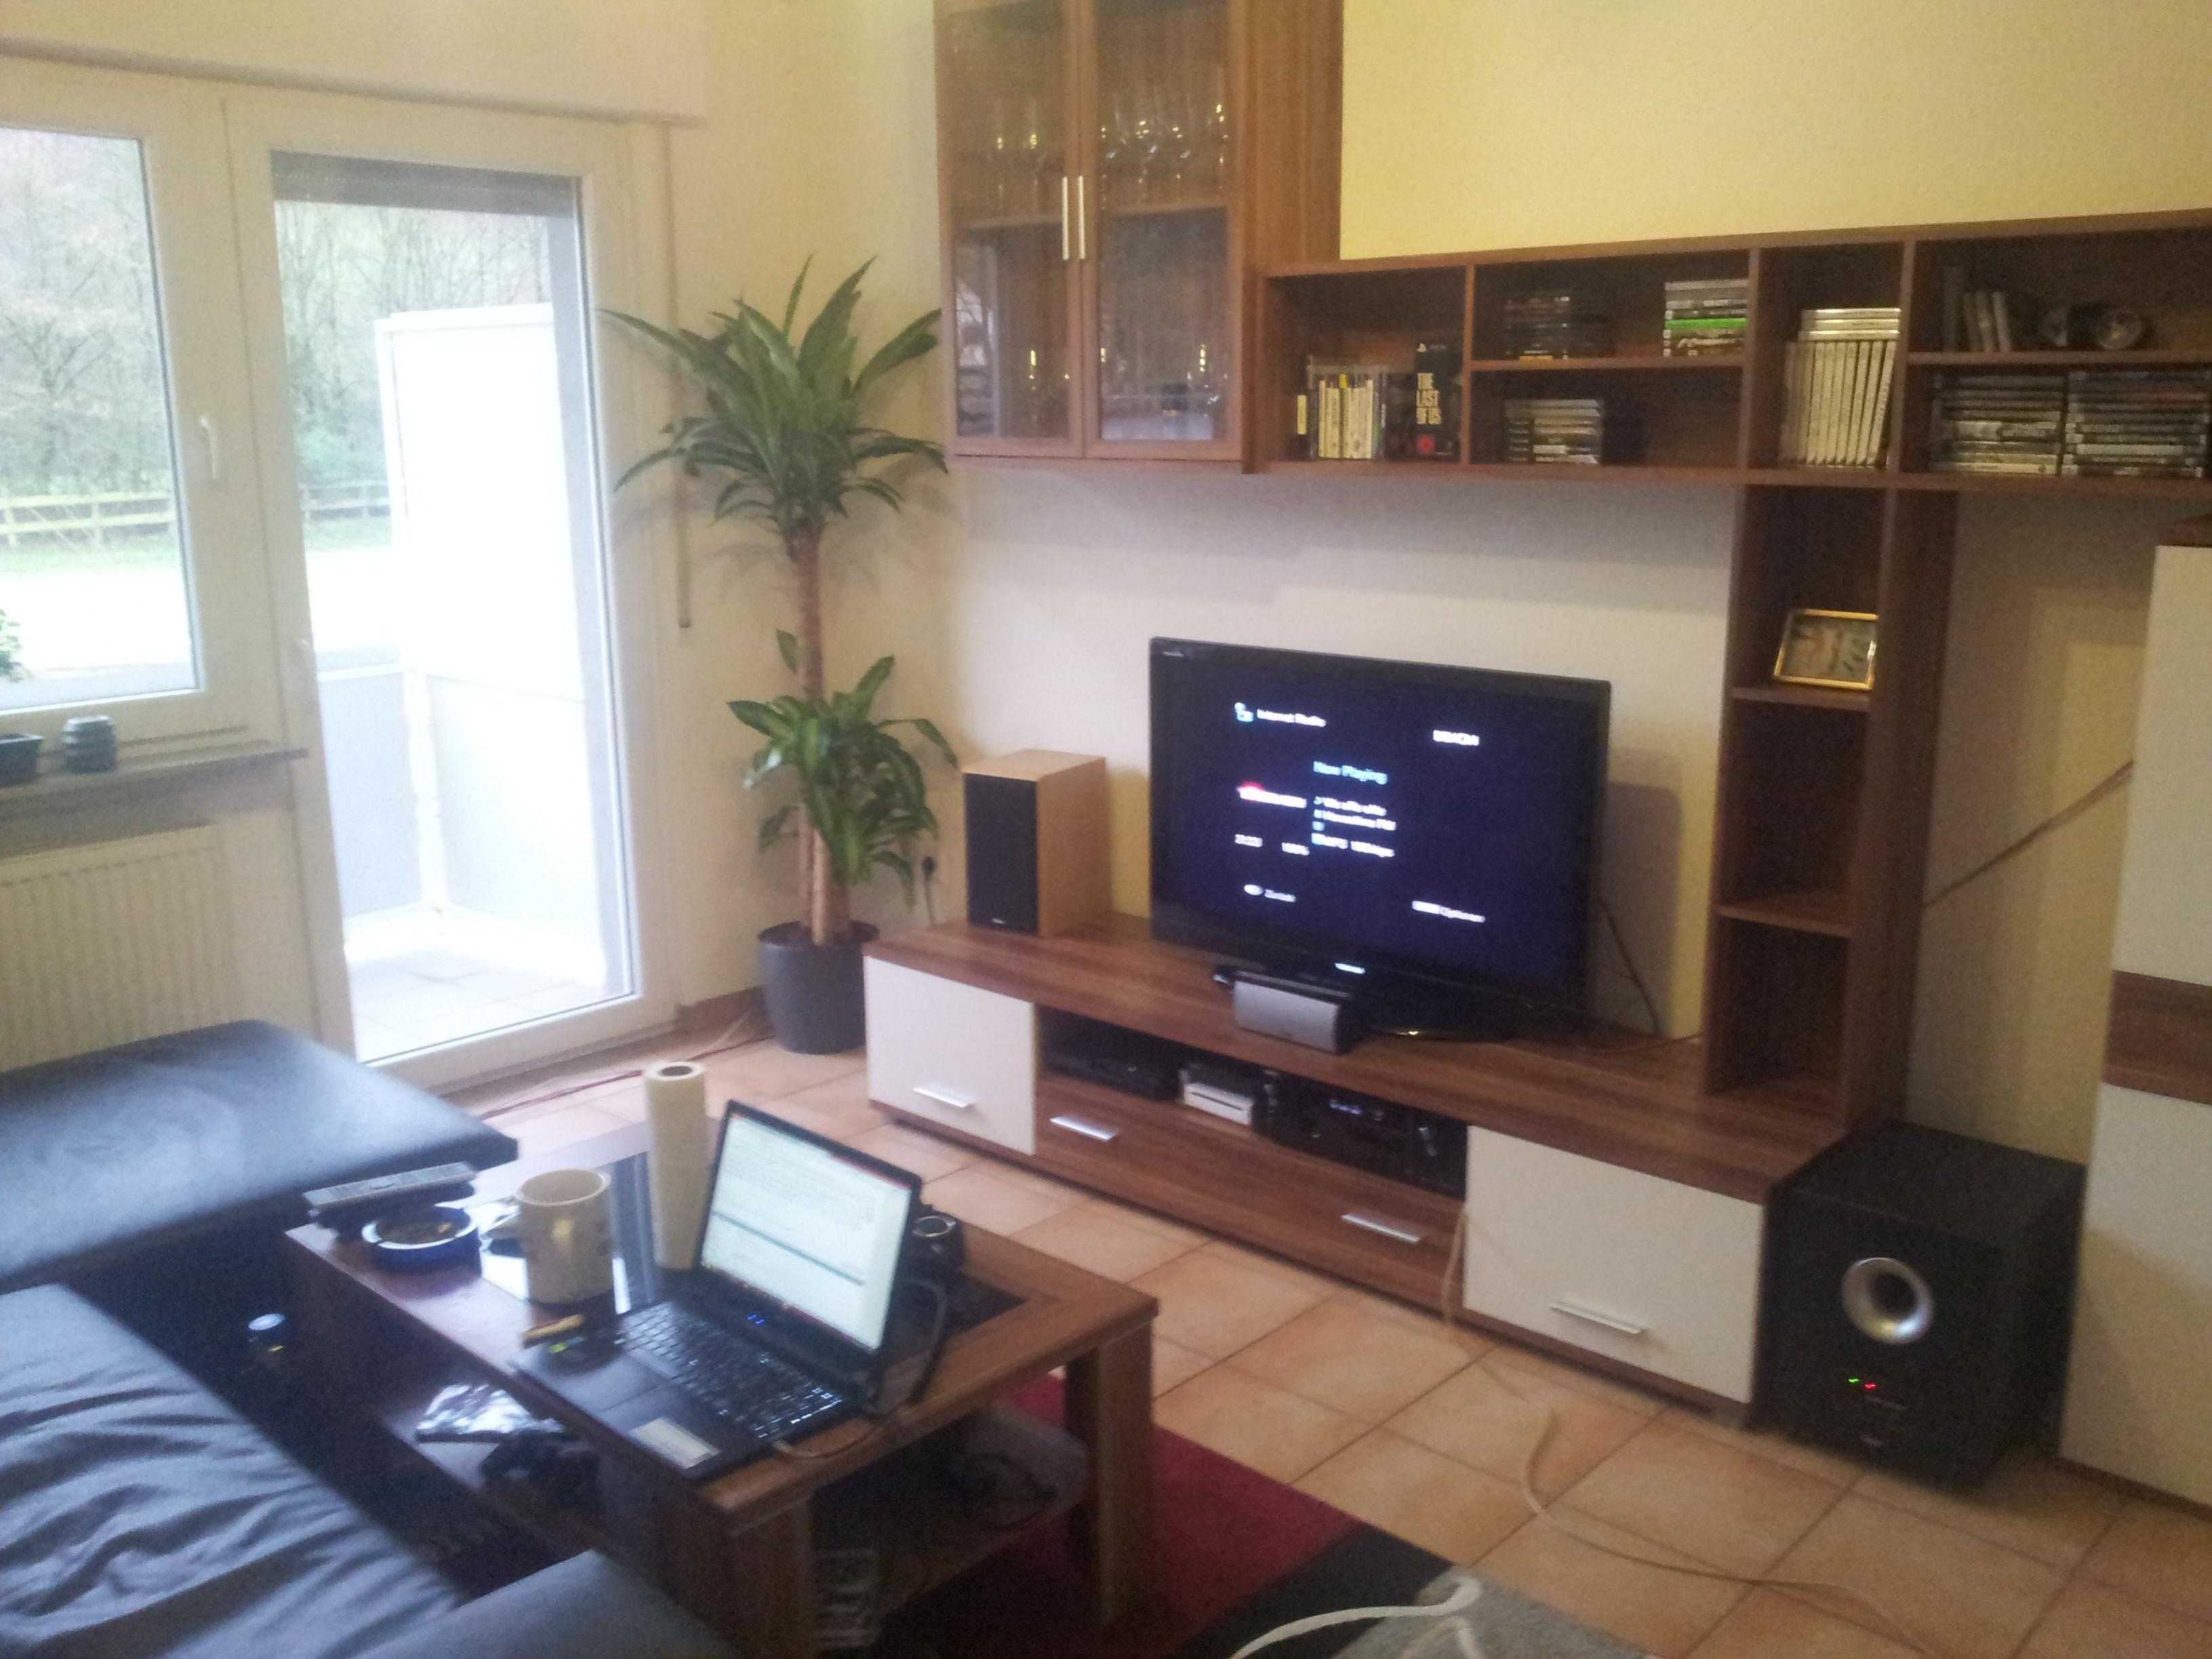 s] 5.1 surround hifi anlage fürs wohnzimmer gesucht. bis 500€, Wohnzimmer